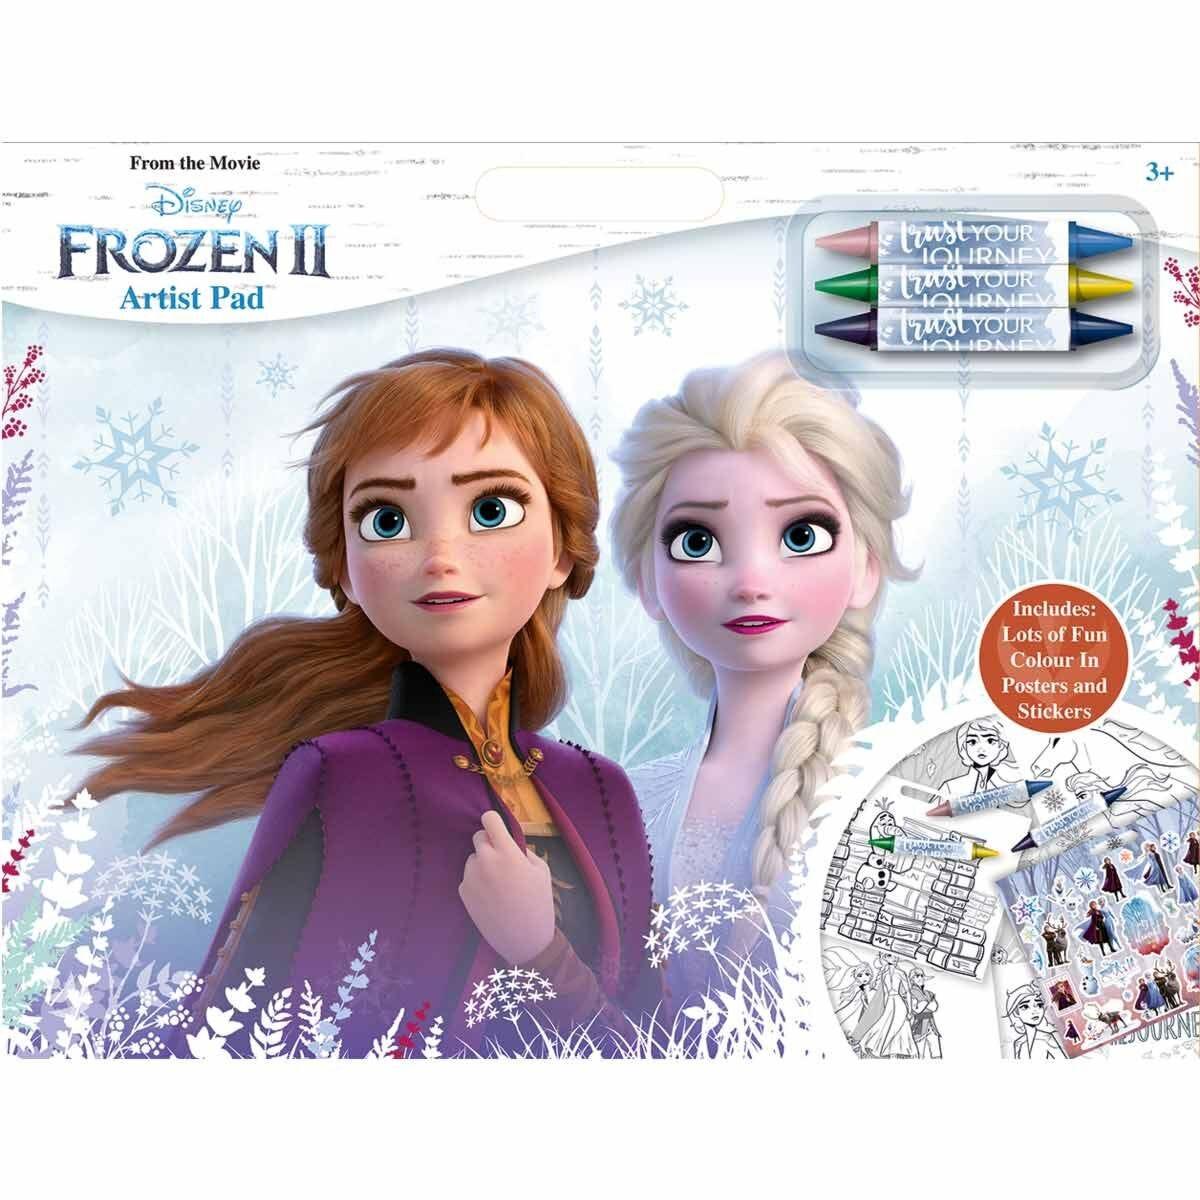 Disney Frozen II Artist Pad